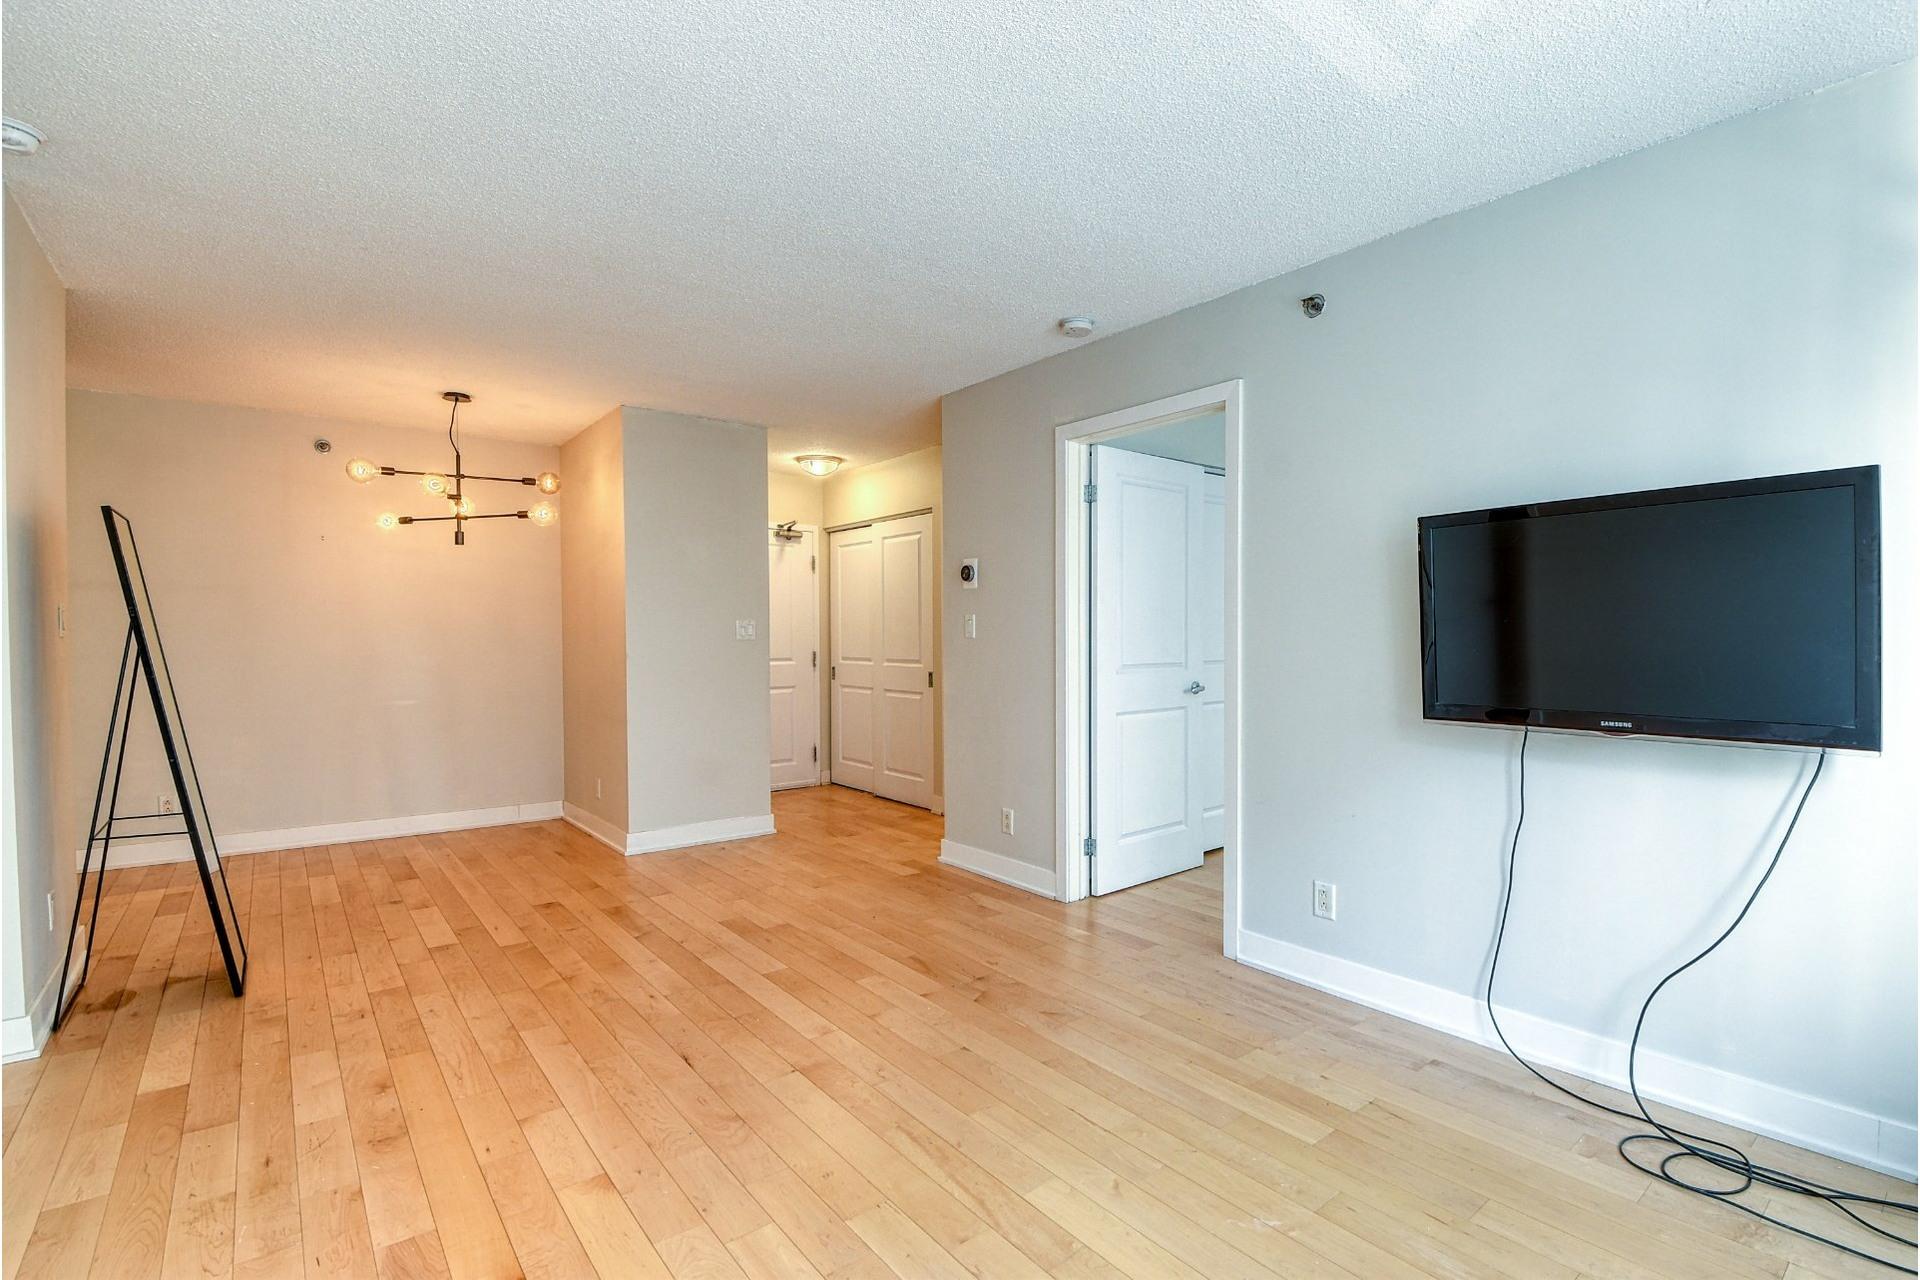 image 3 - Apartment For rent Ville-Marie Montréal  - 4 rooms